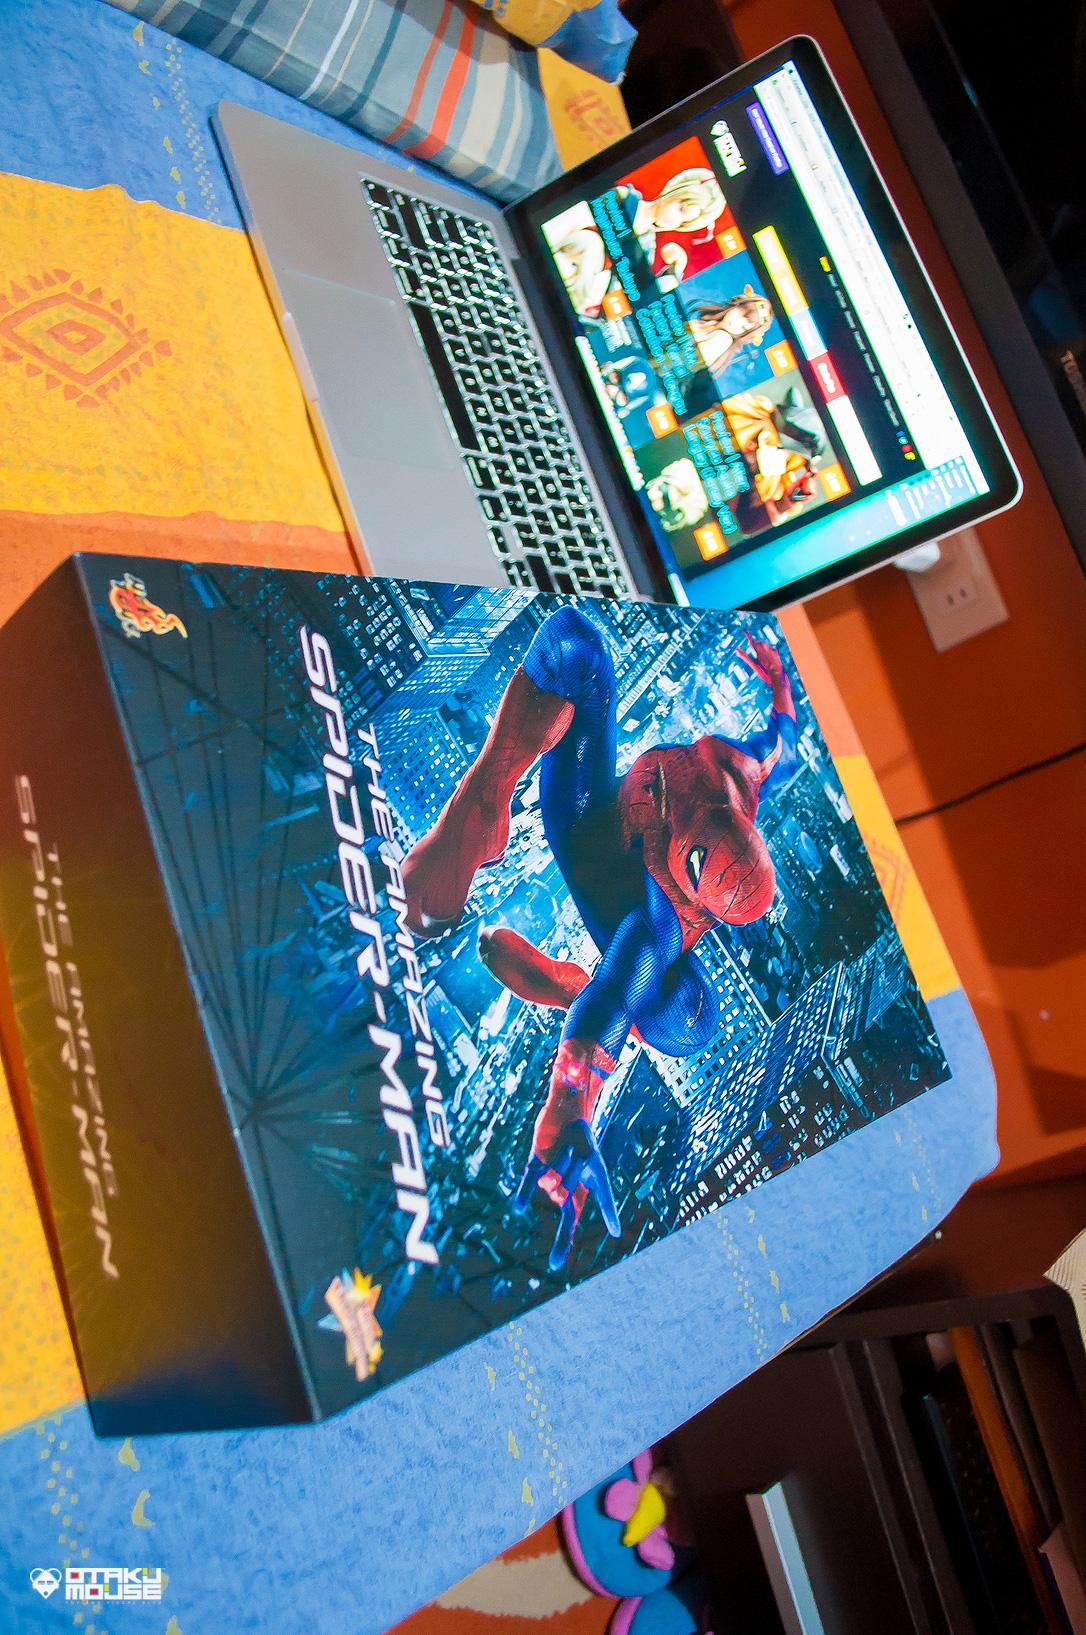 Otakumouse Unboxed! #01 | Hot Toys Superman and Amazing Spiderman (23)